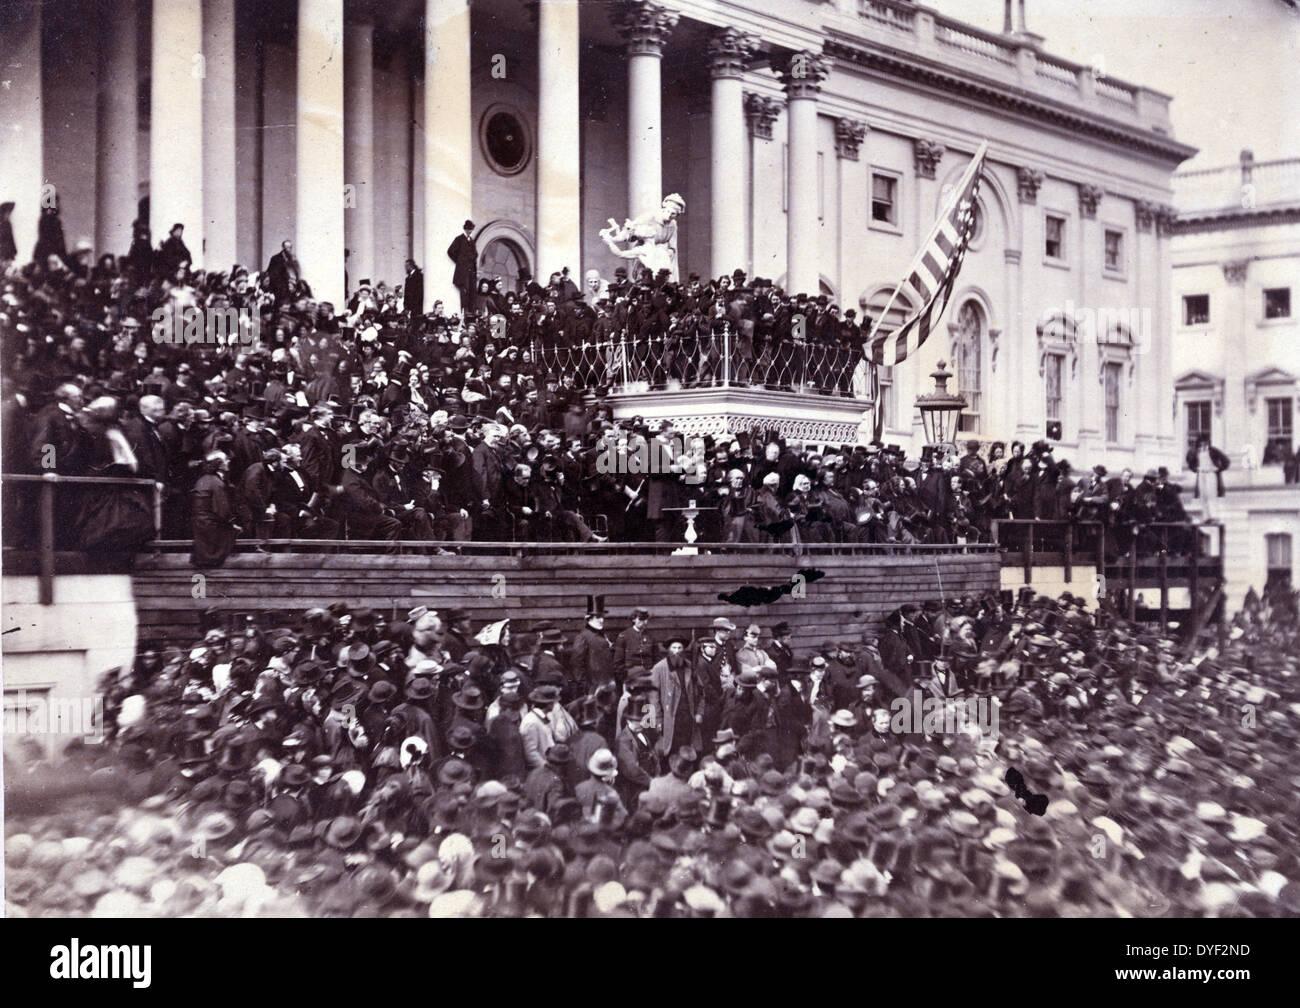 Abraham Lincoln seine zweite Antrittsrede als Präsident der Vereinigten Staaten, Washington, D.C. 1865. Foto zeigt Stockfoto